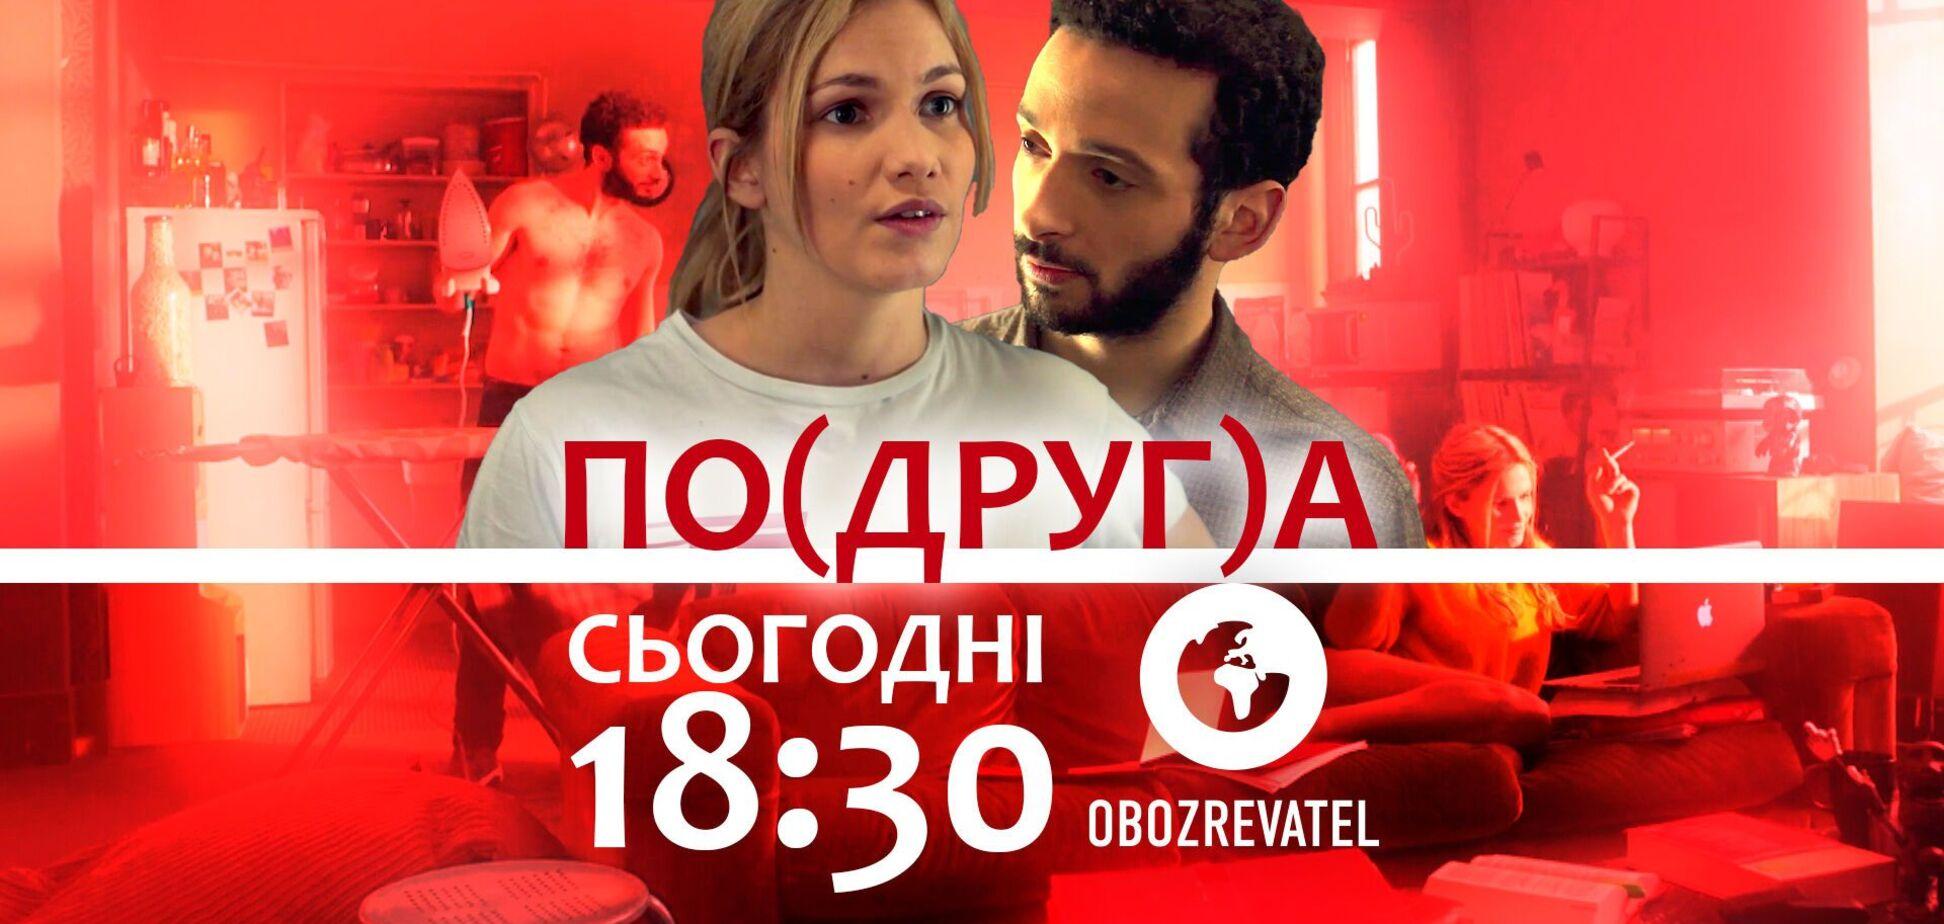 'По(друг)а' - романтична комедія в ефірі телеканалу OBOZREVATEL